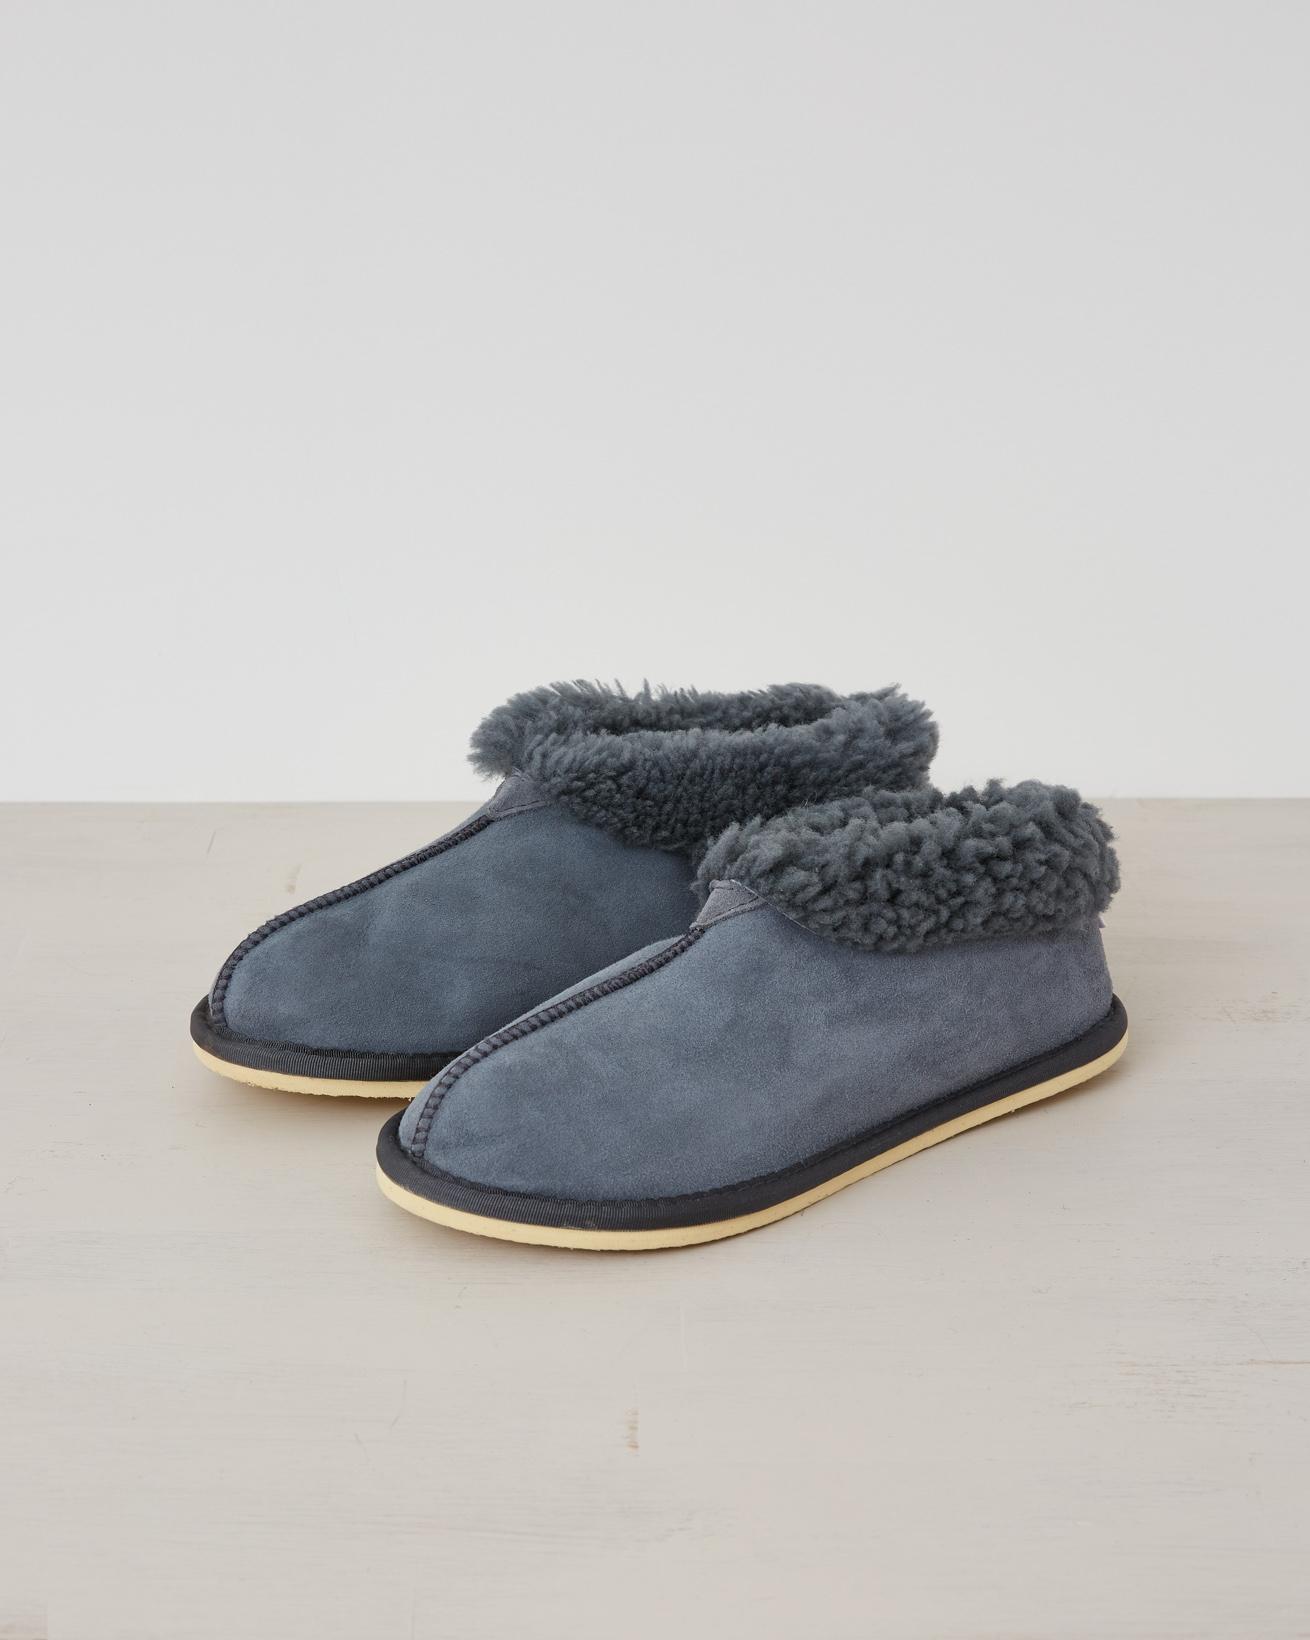 Ladies Sheepskin Bootee Slipper - Dark Grey - Size 5 - 2470